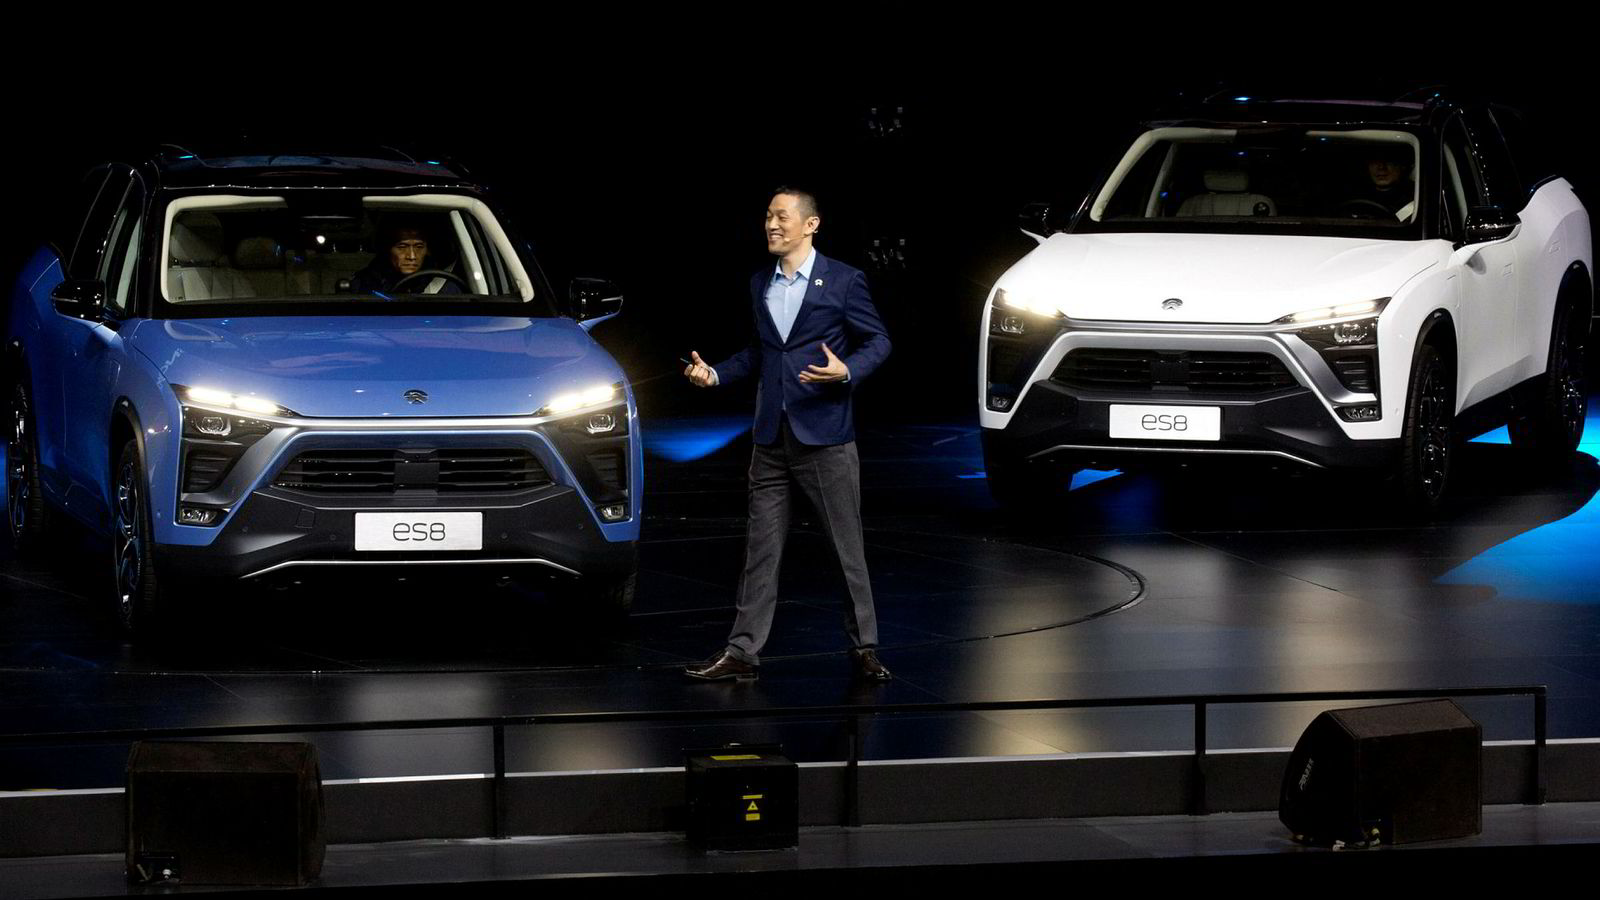 William Li, grunnlegger og leder av selskapet Nio, har blant annet teknologiselskapene Tencent, og Baidu inne på eiersiden.